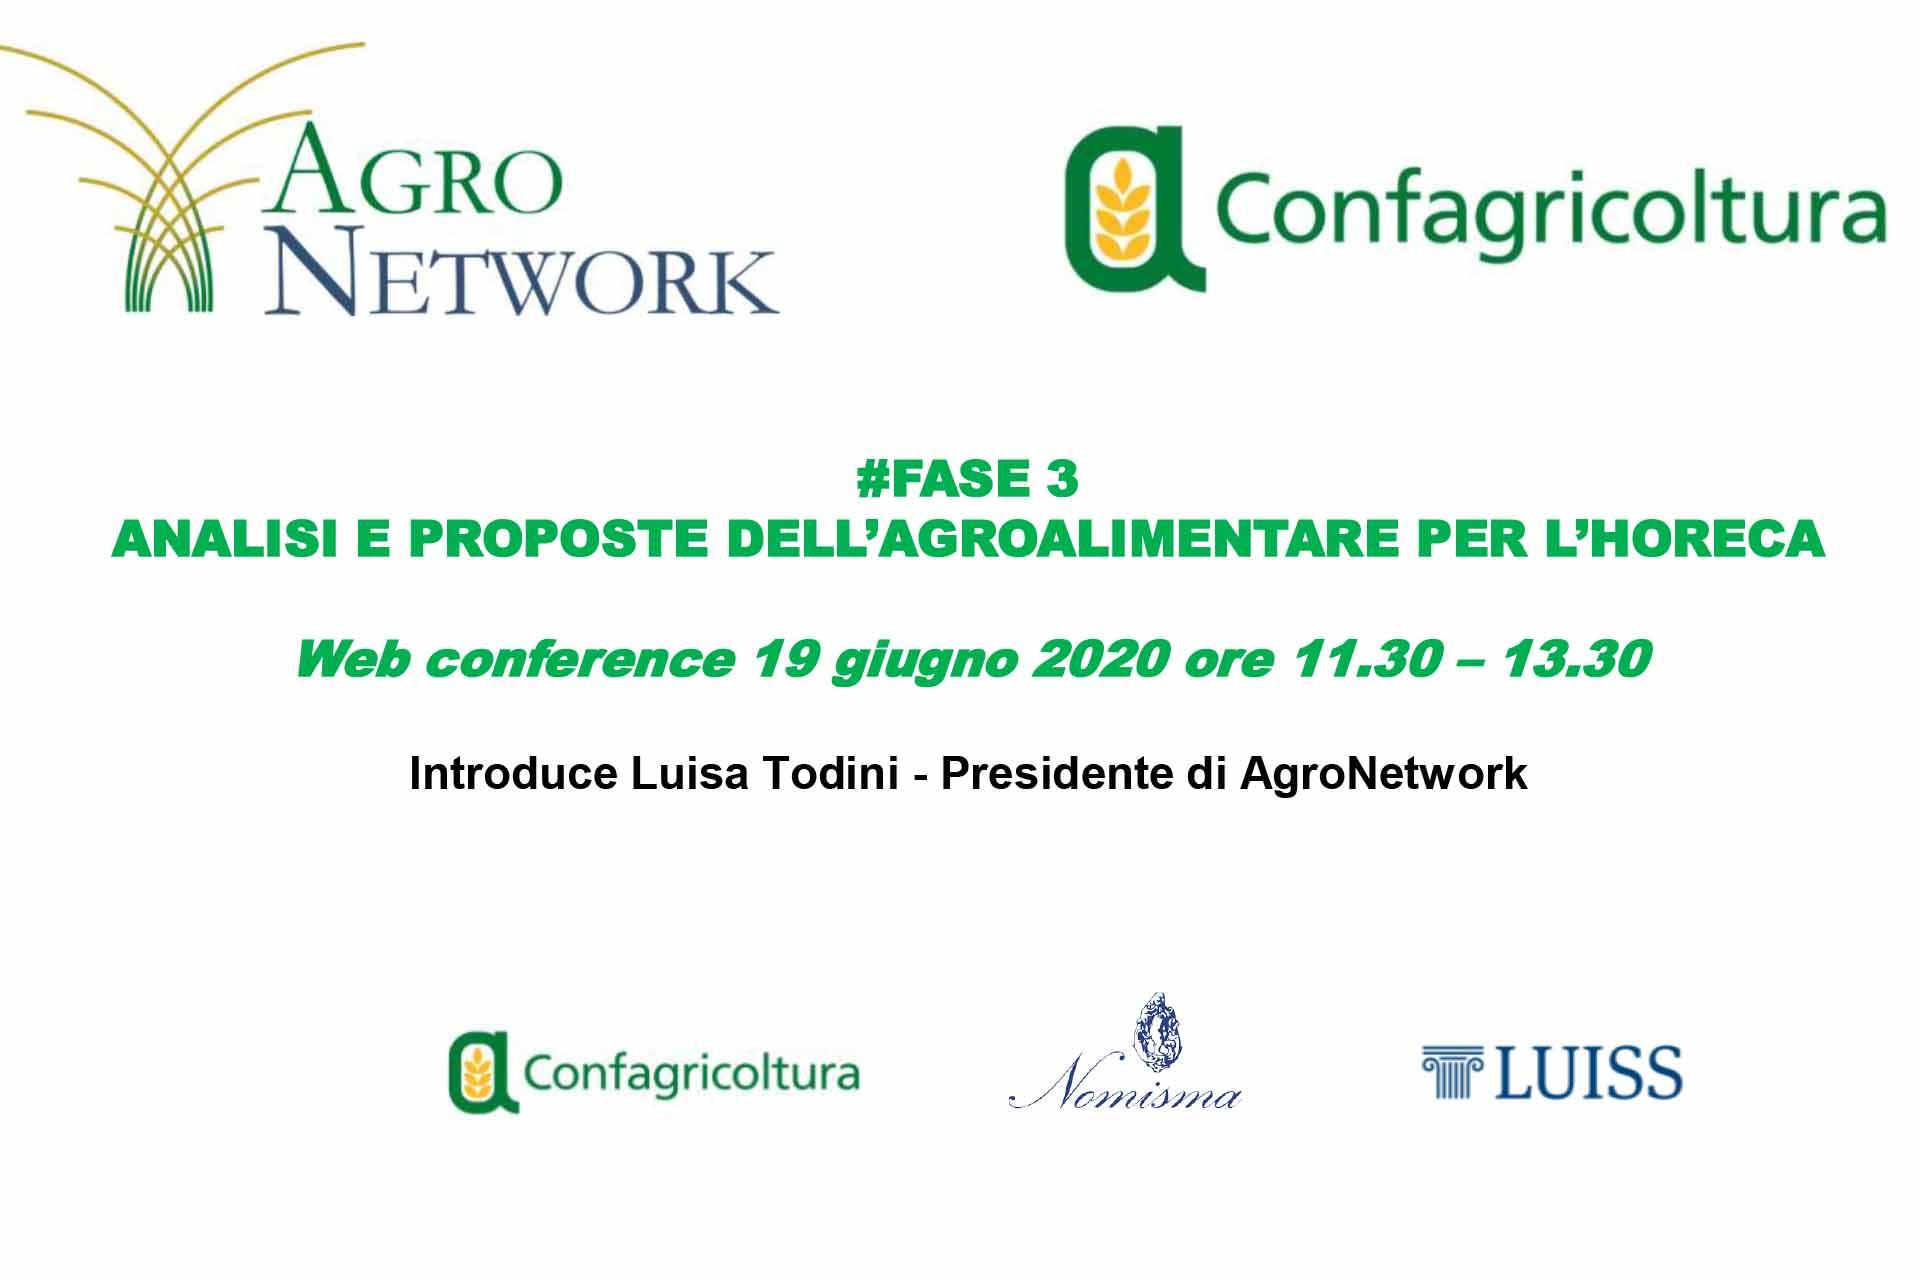 Agronetwork News - locandina def evento 19 giugno 2020 - Proposte per reagire al Coronavirus